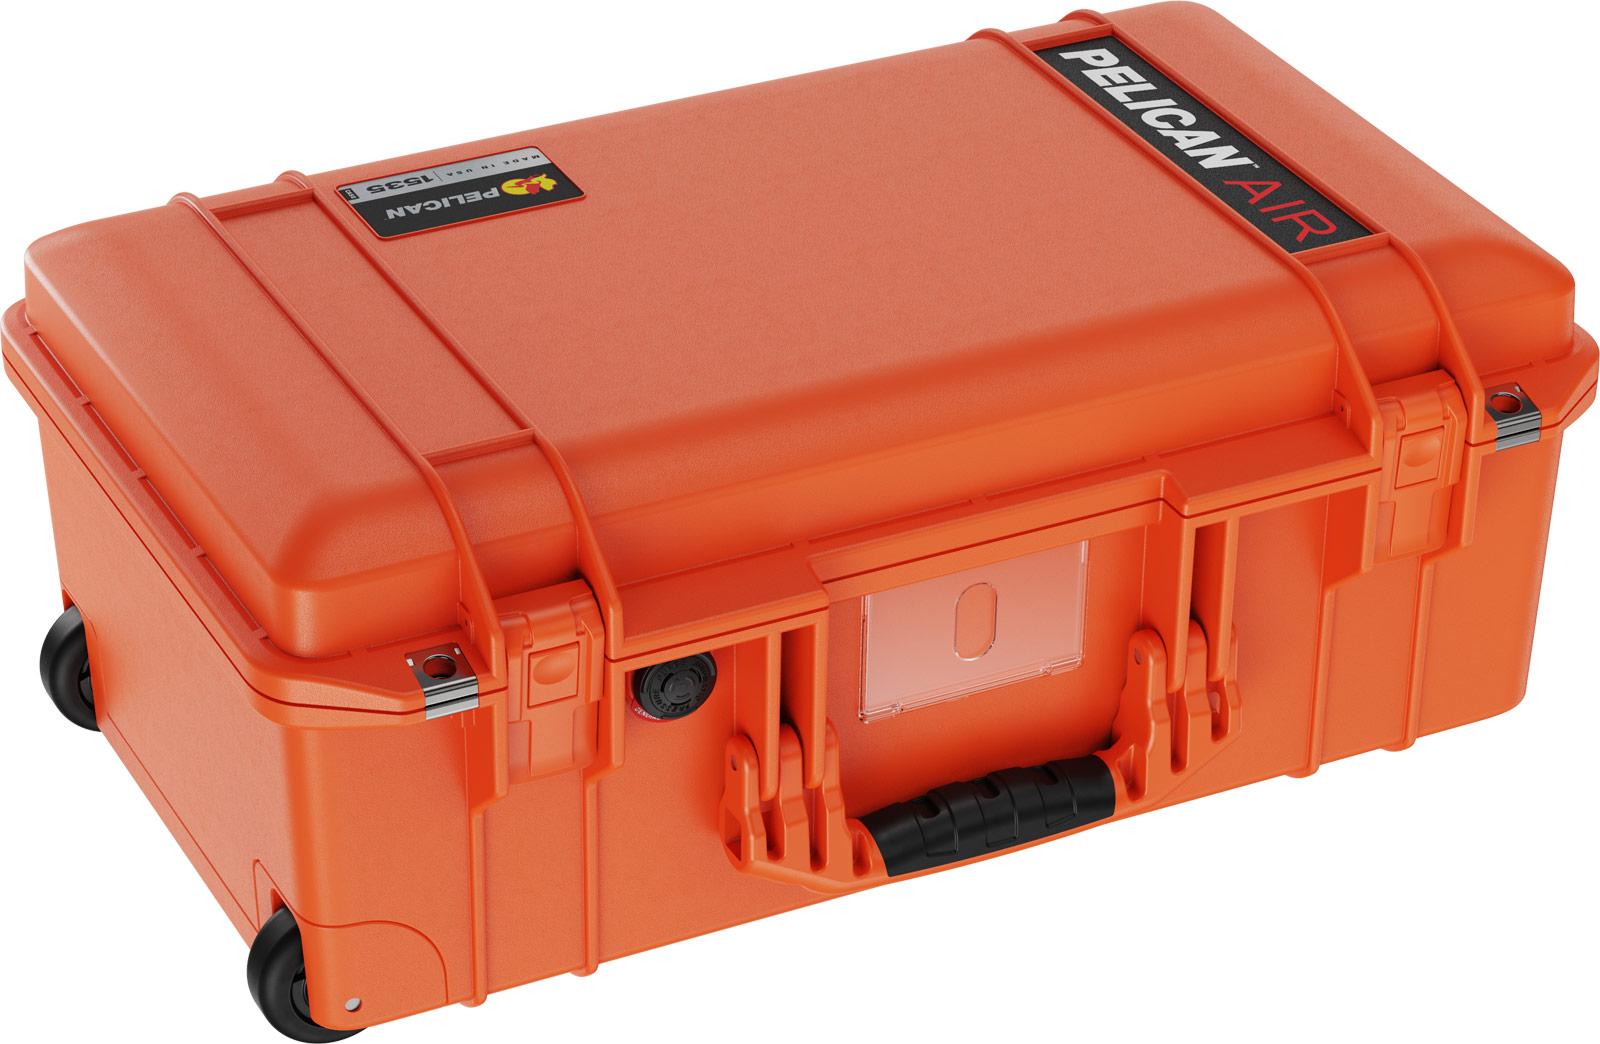 pelican orange travel cases air case 1535